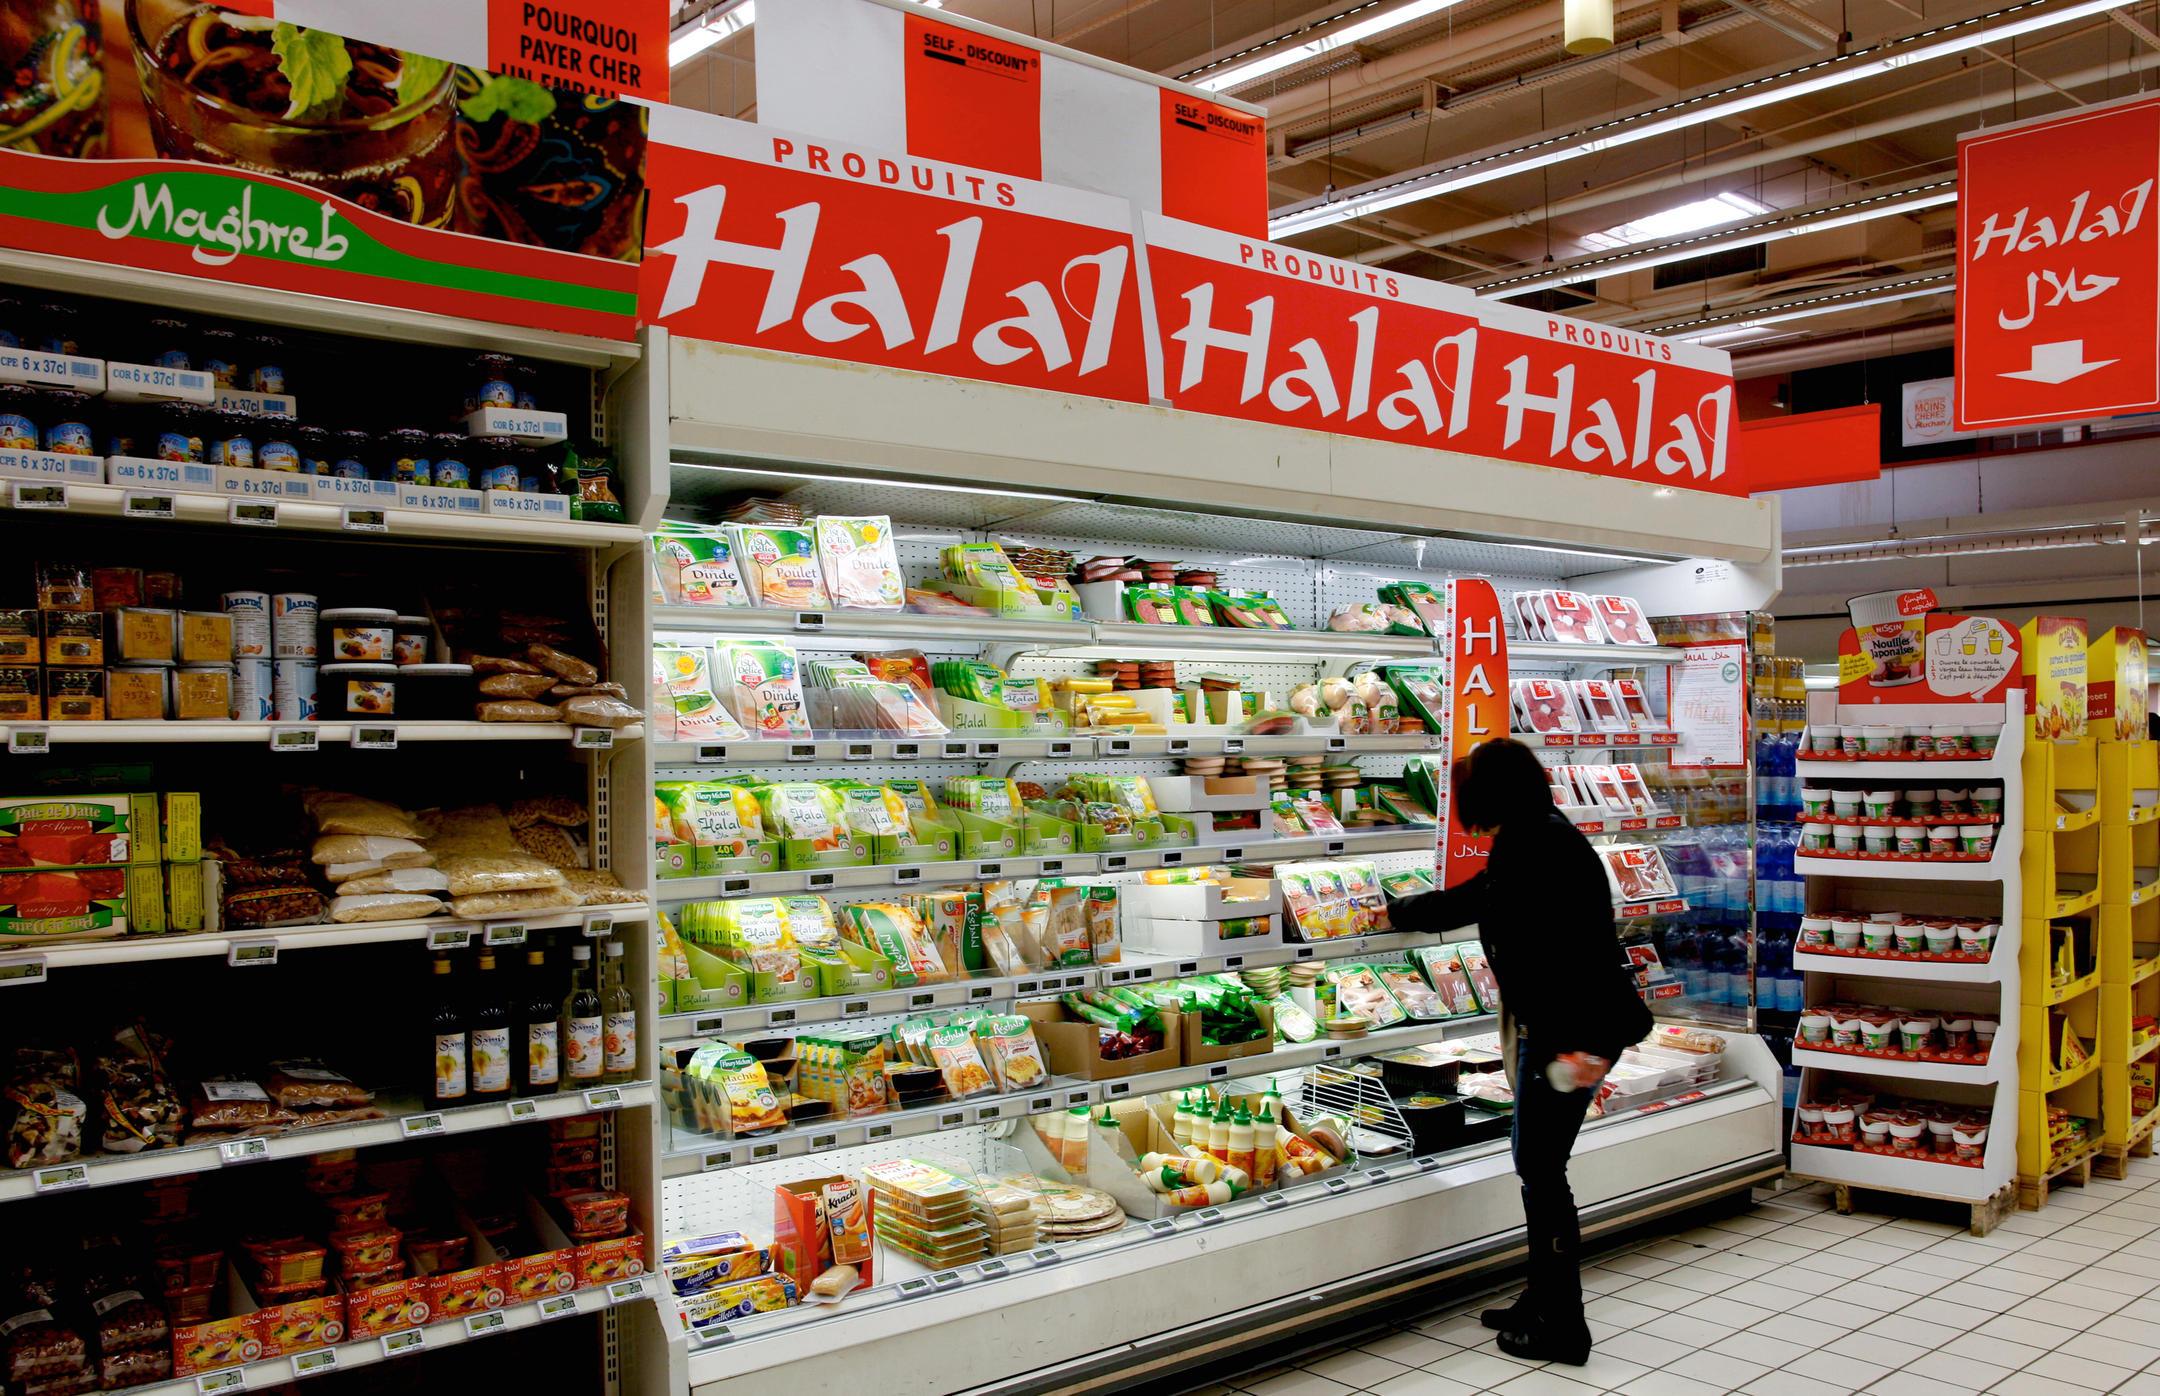 Rayon de produits Halal dans un hypermarché Auchan